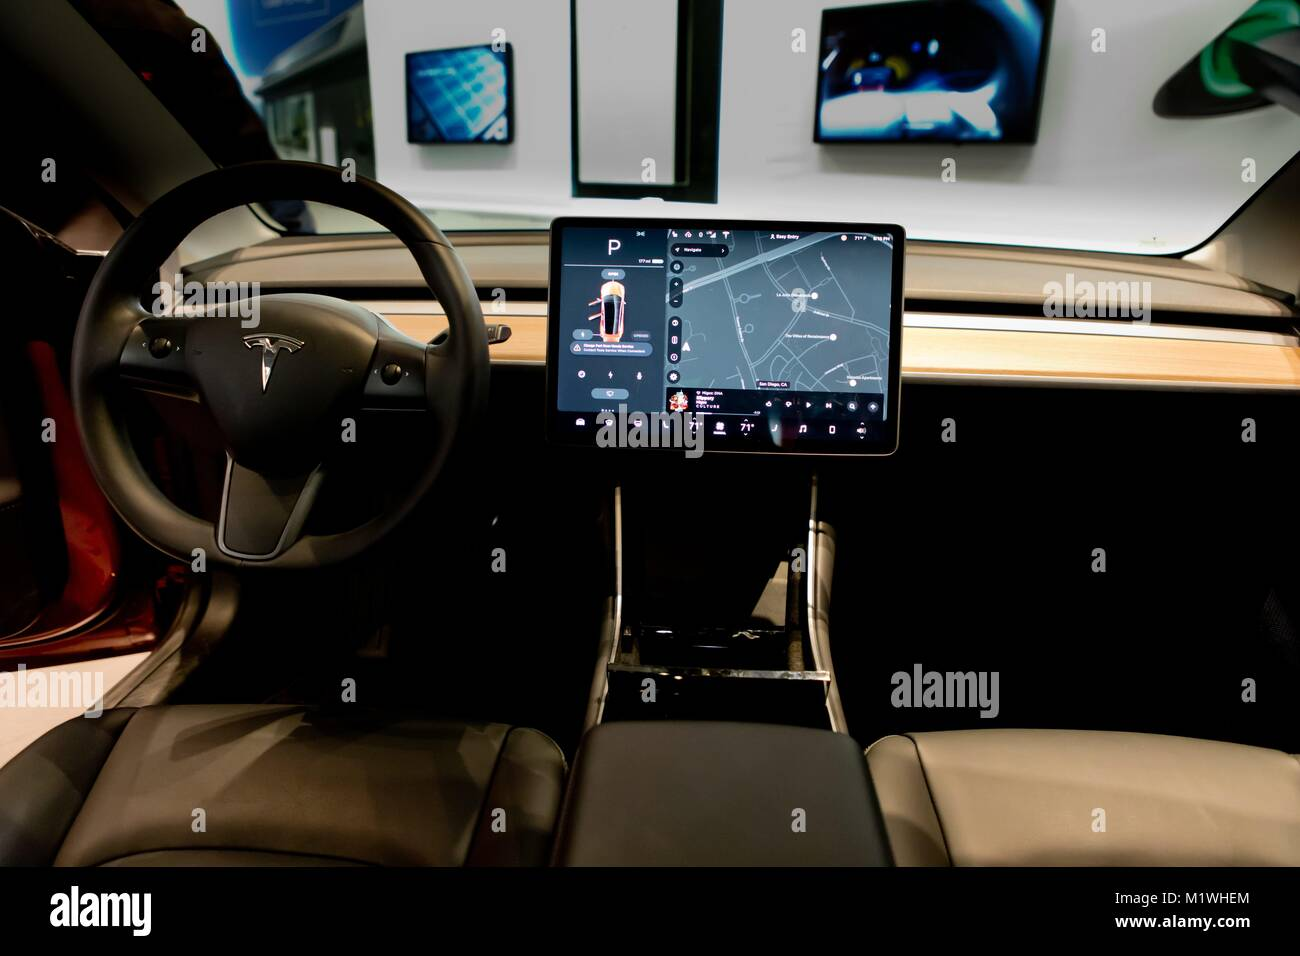 tesla car dashboard stock photos tesla car dashboard stock images